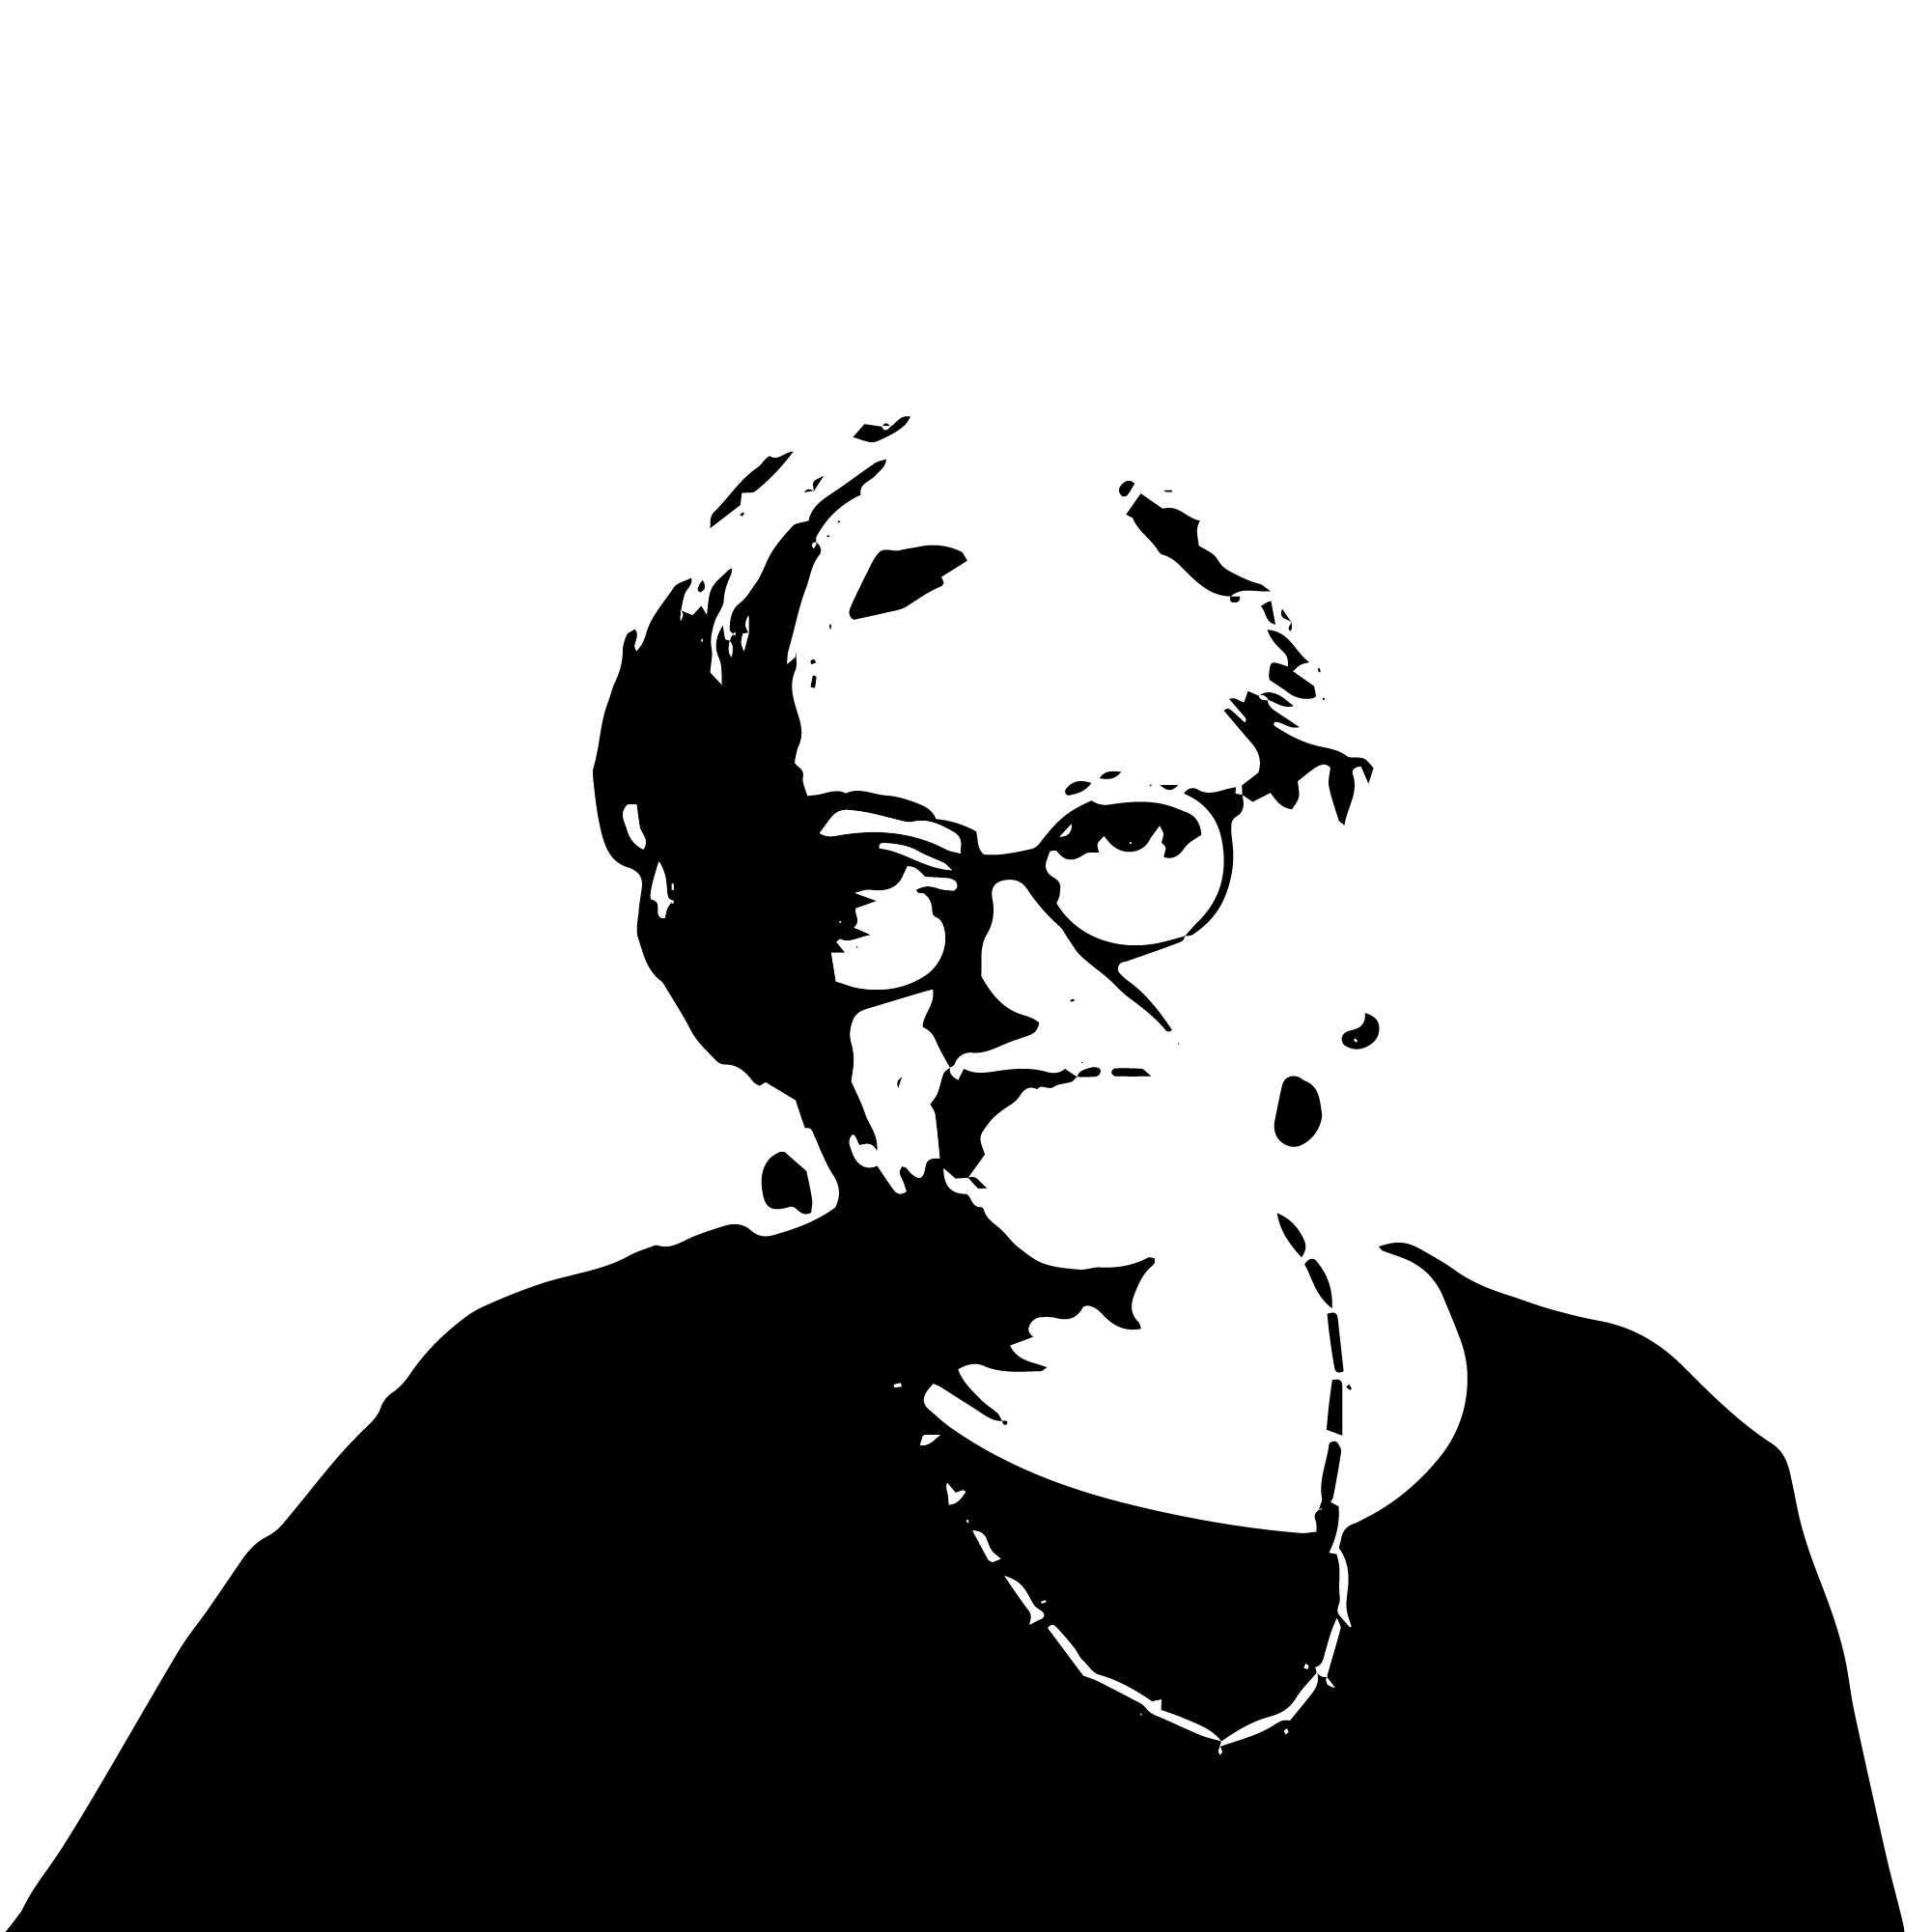 czarno-biały stylizowany portret łotewskiej poetki Inese Zandere. To kobieta w średnim wieku, z półdługimi blond włosami. Ma okulary, kolczyki i naszyjnik. Jest uśmiechnięta. Ma na sobie czarną bluzkę z okrągły dekoltem.